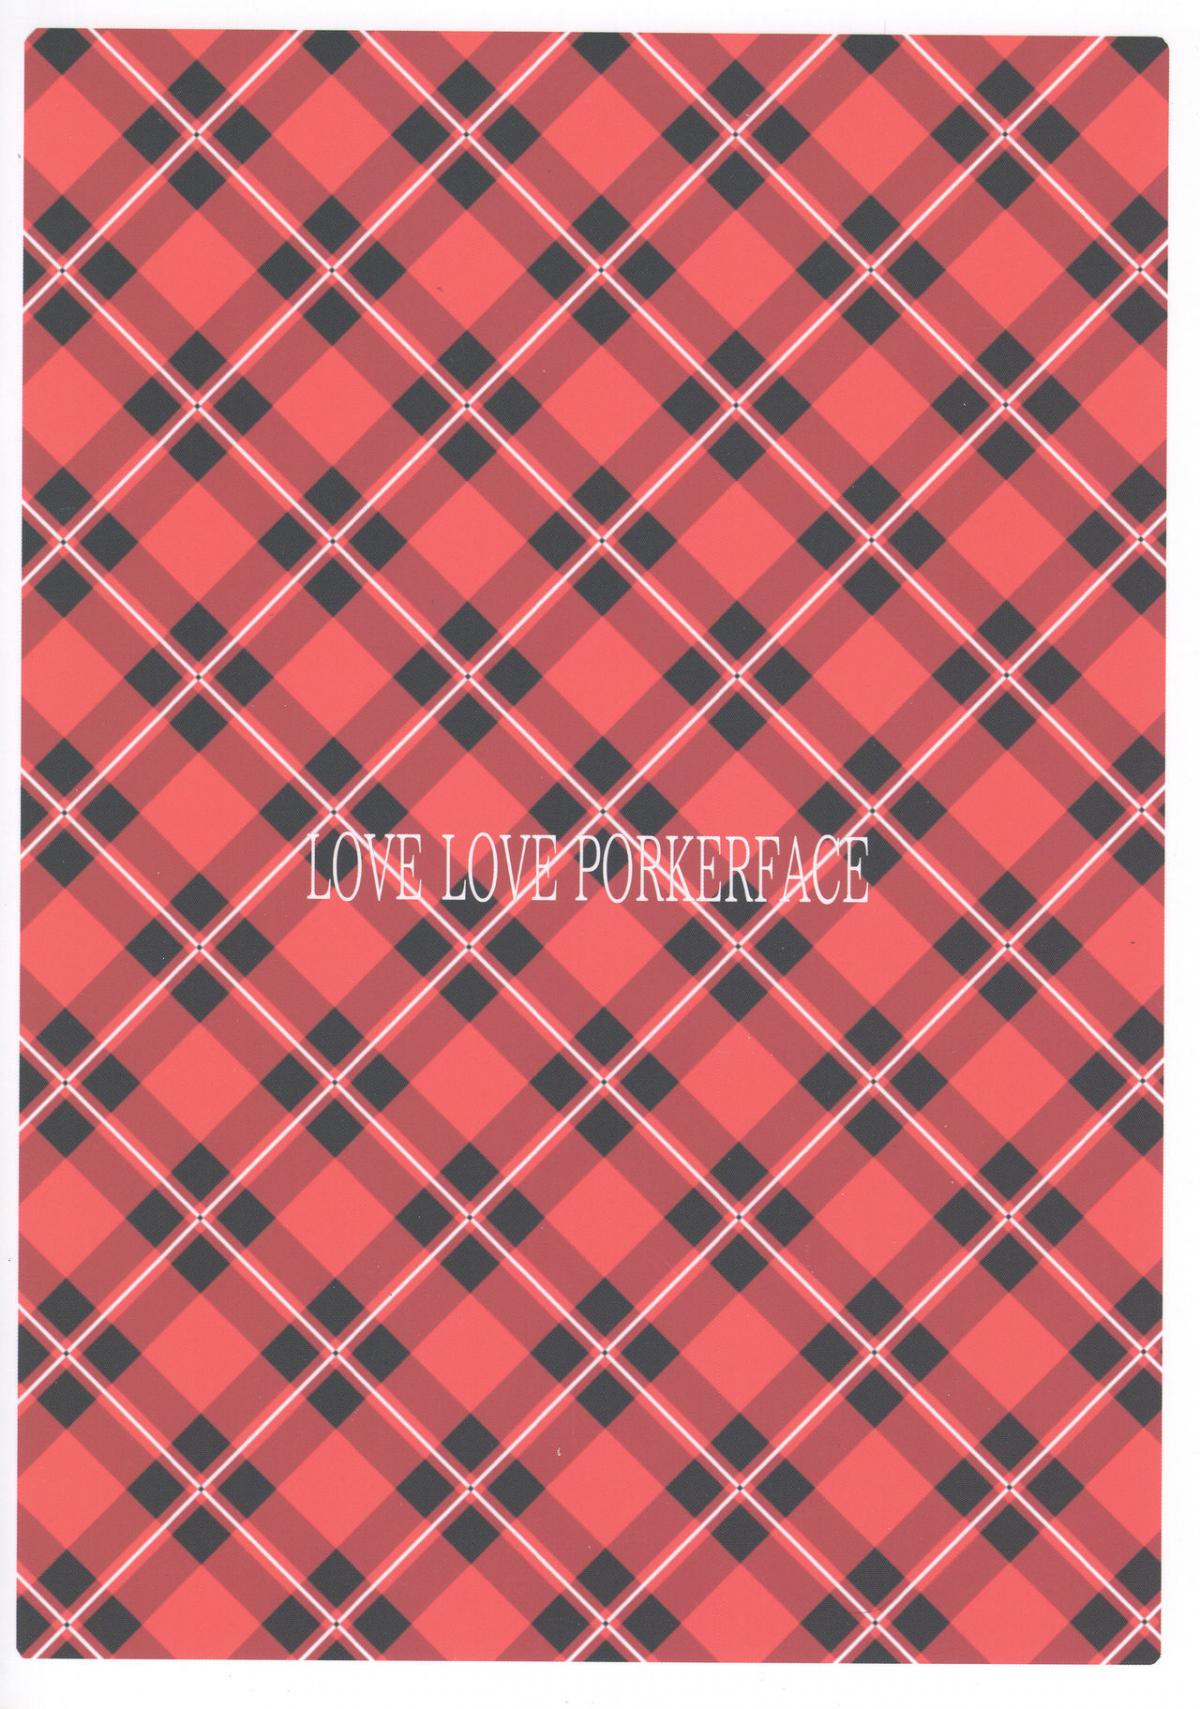 Hình ảnh  trong bài viết LOVE LOVE PORKERFACE